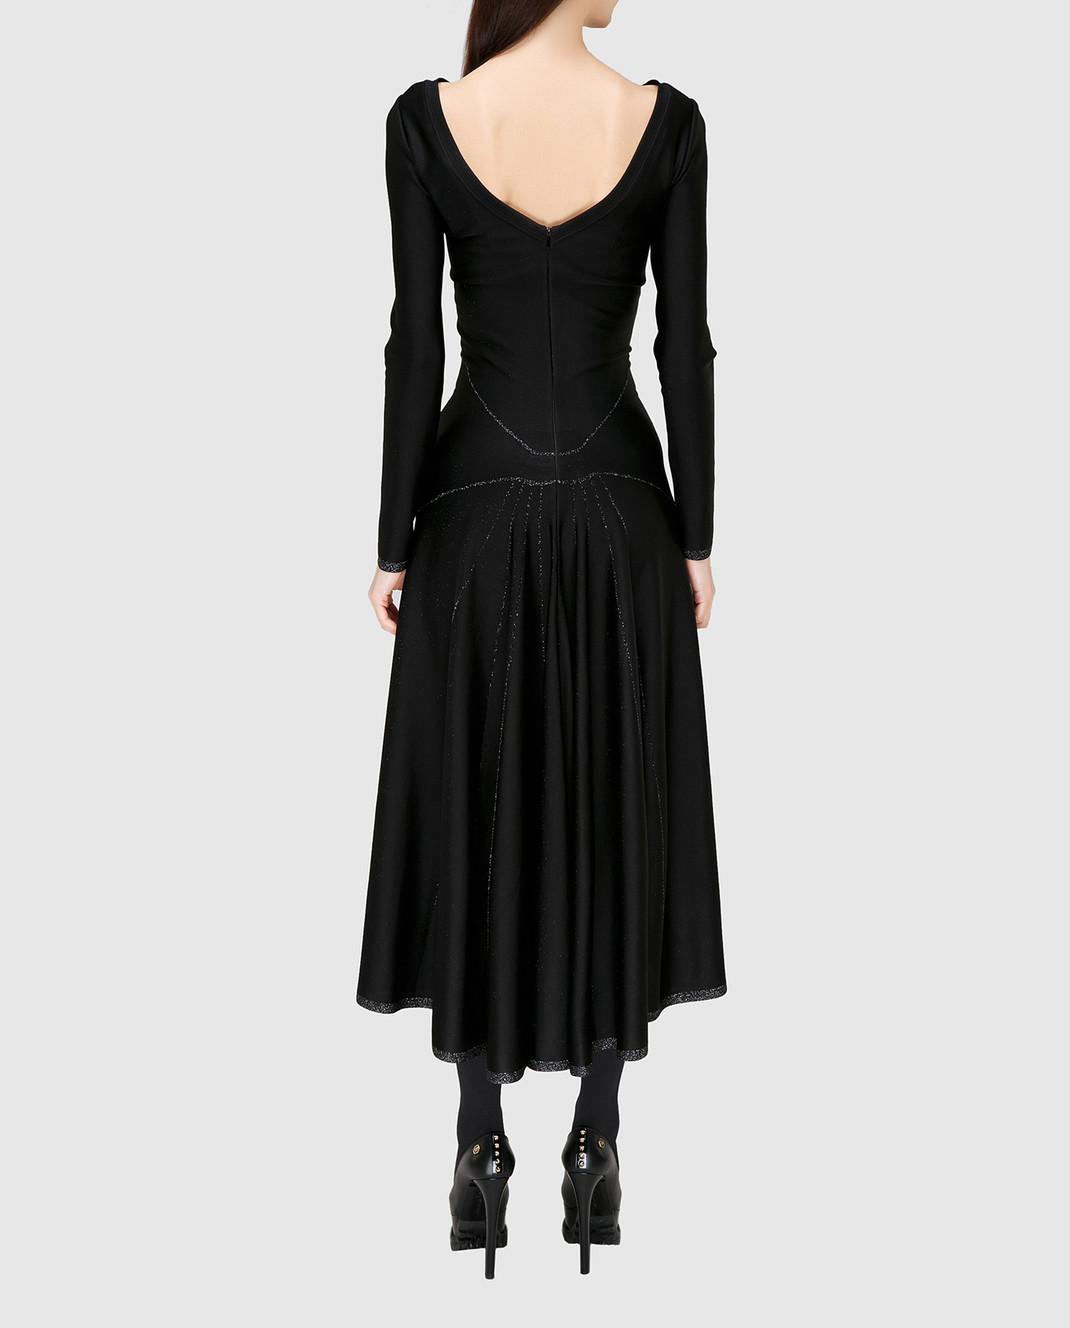 Azzedine Alaia Черное платье с V-образным вырезом на спине 6H9RG99LM288 изображение 4